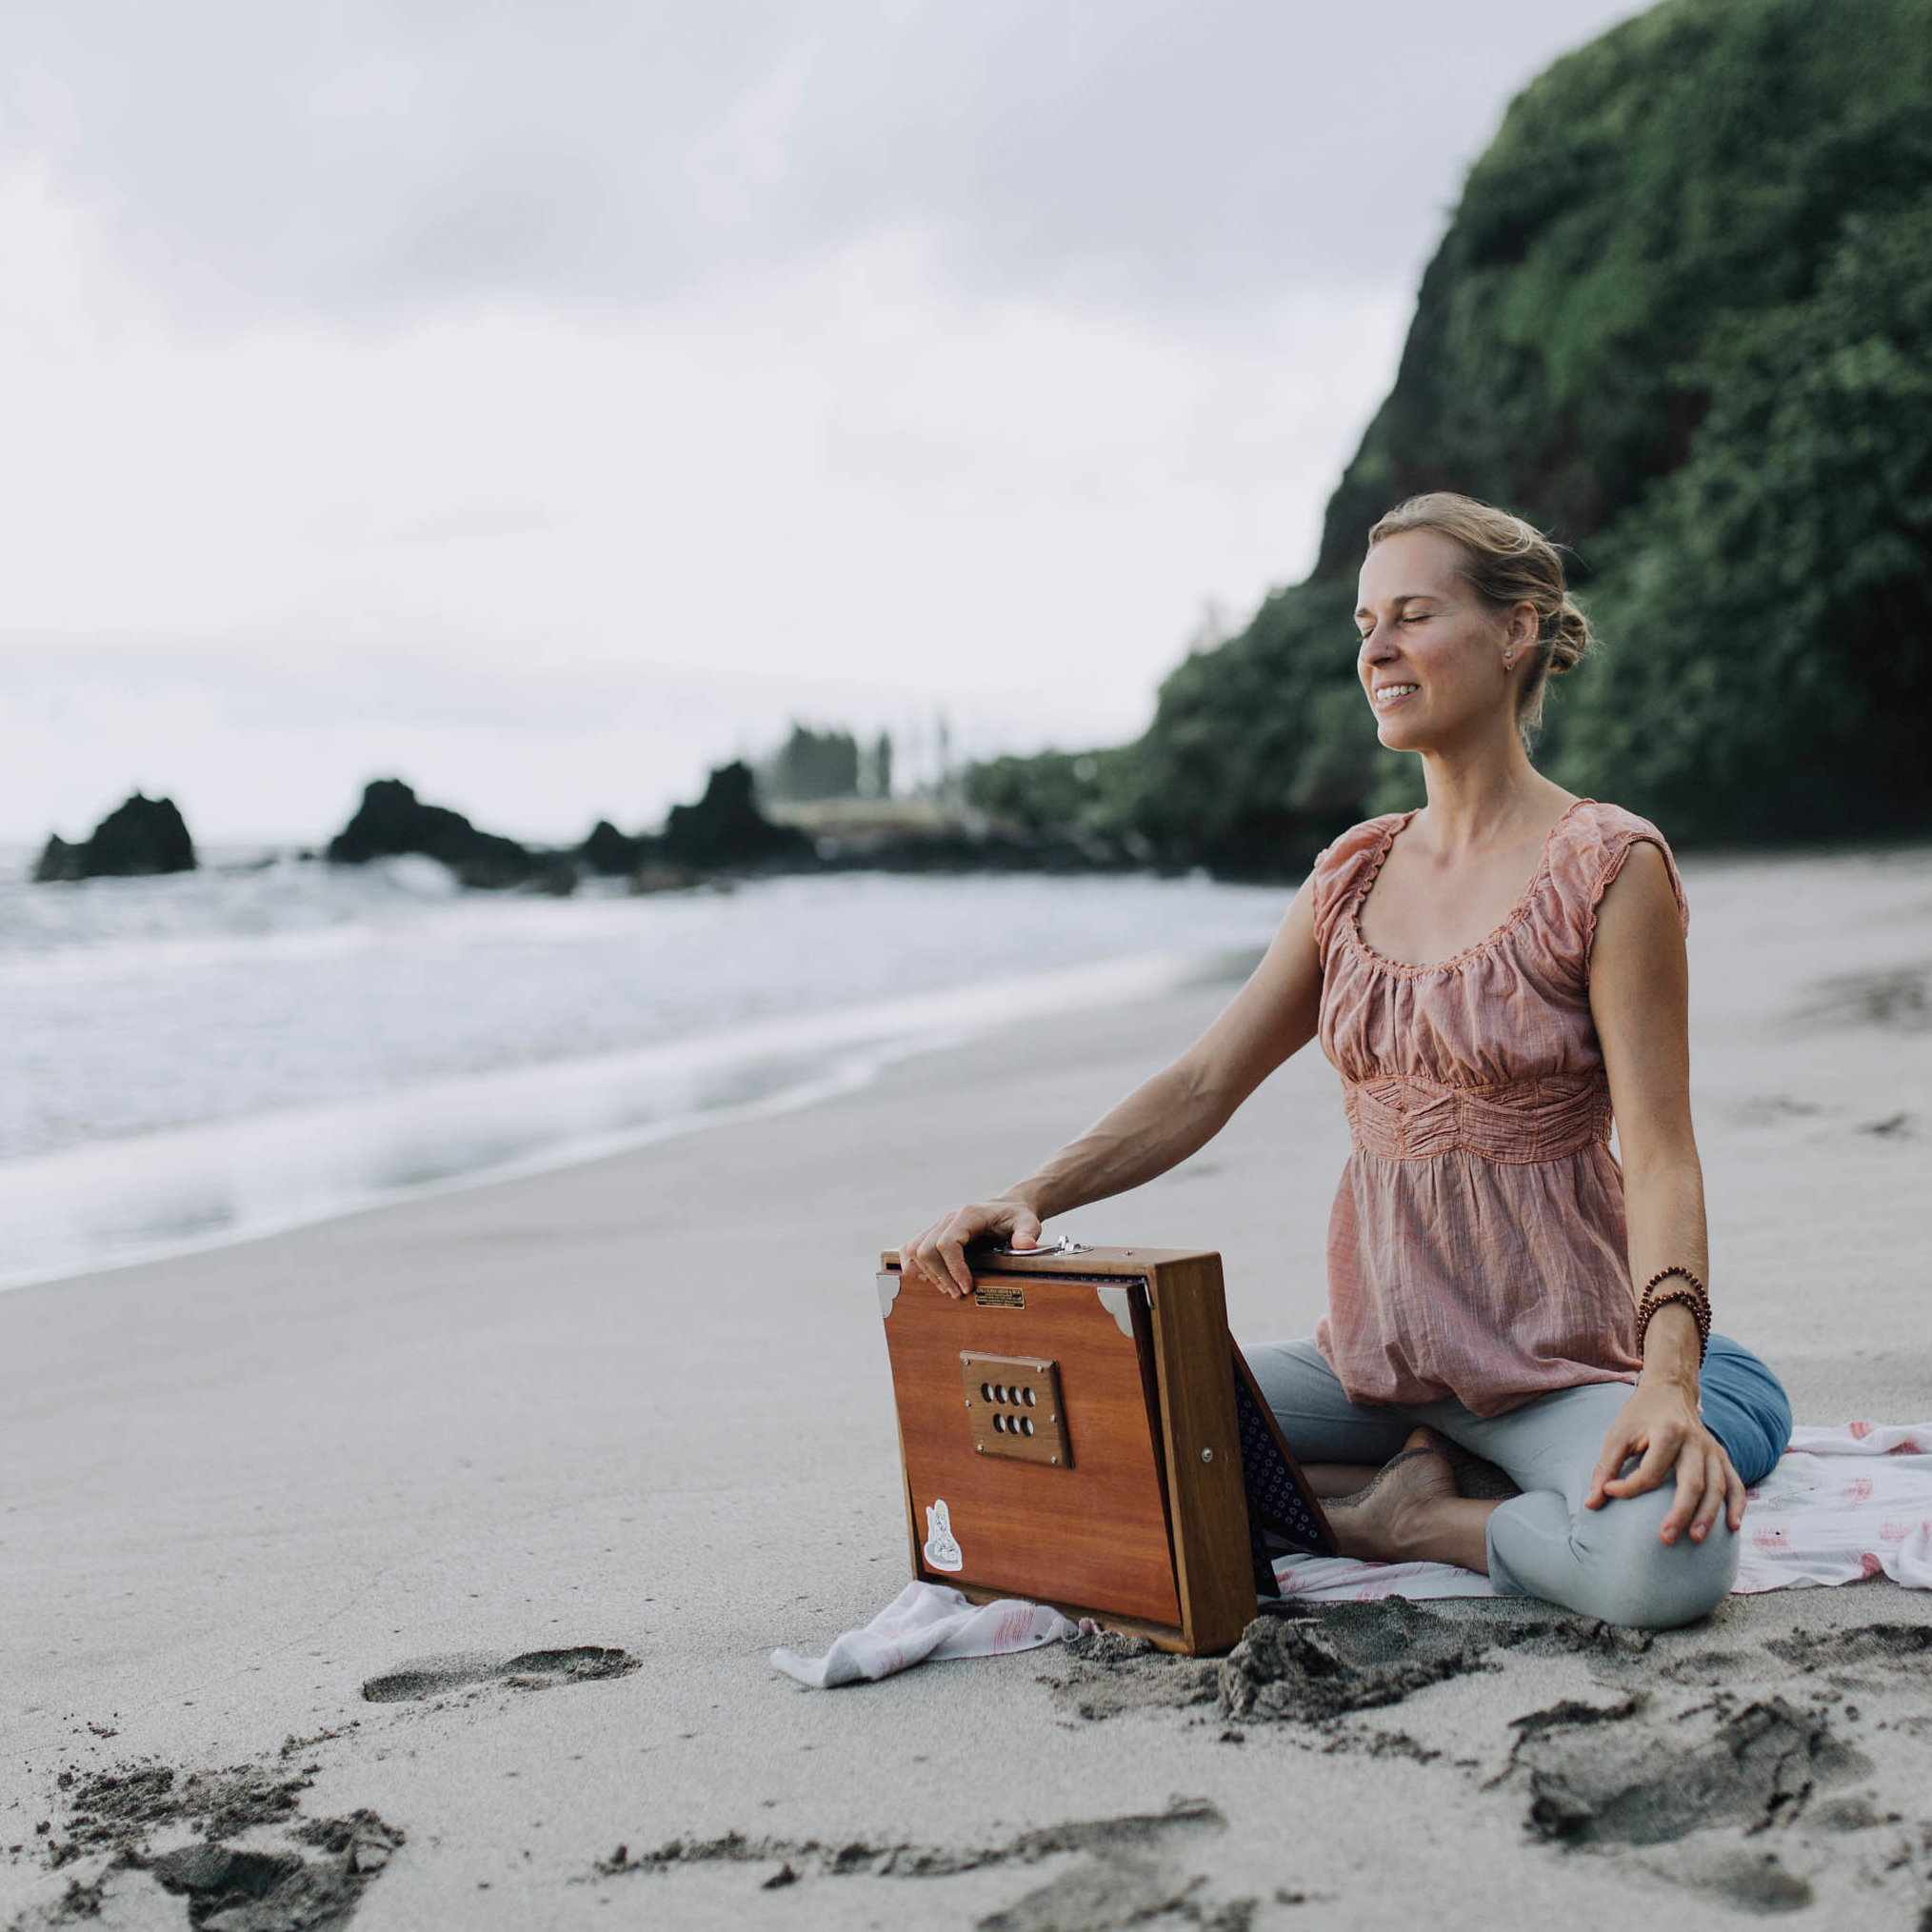 michele-ford-maui-yoga-8313x.jpg